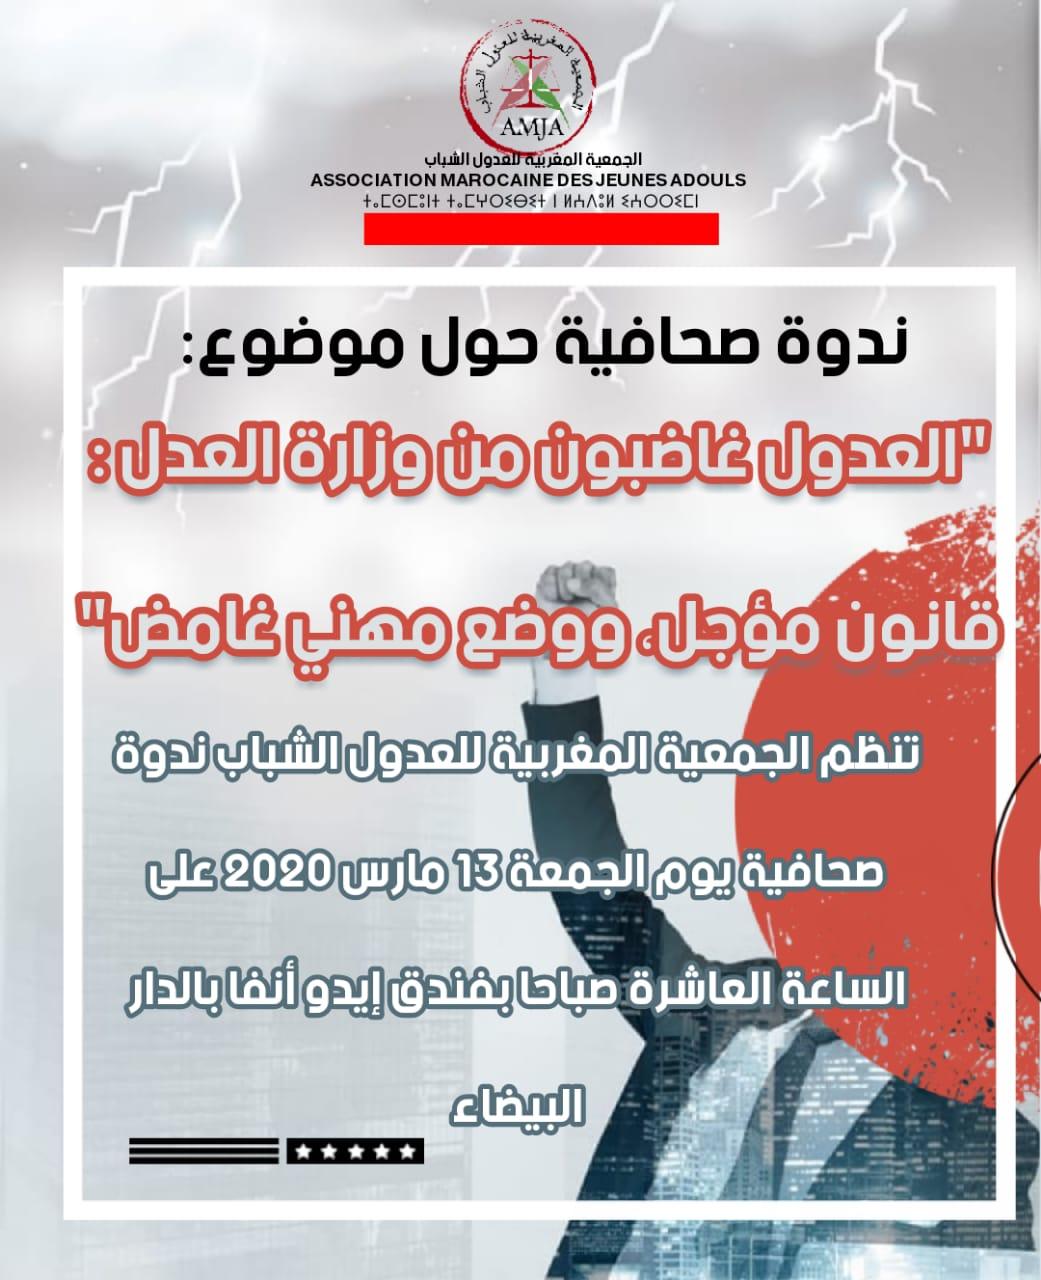 الجمعية المغربية للعدول الشباب تصعد في مواجهة وزارة العدل من خلال ندوة صحافية